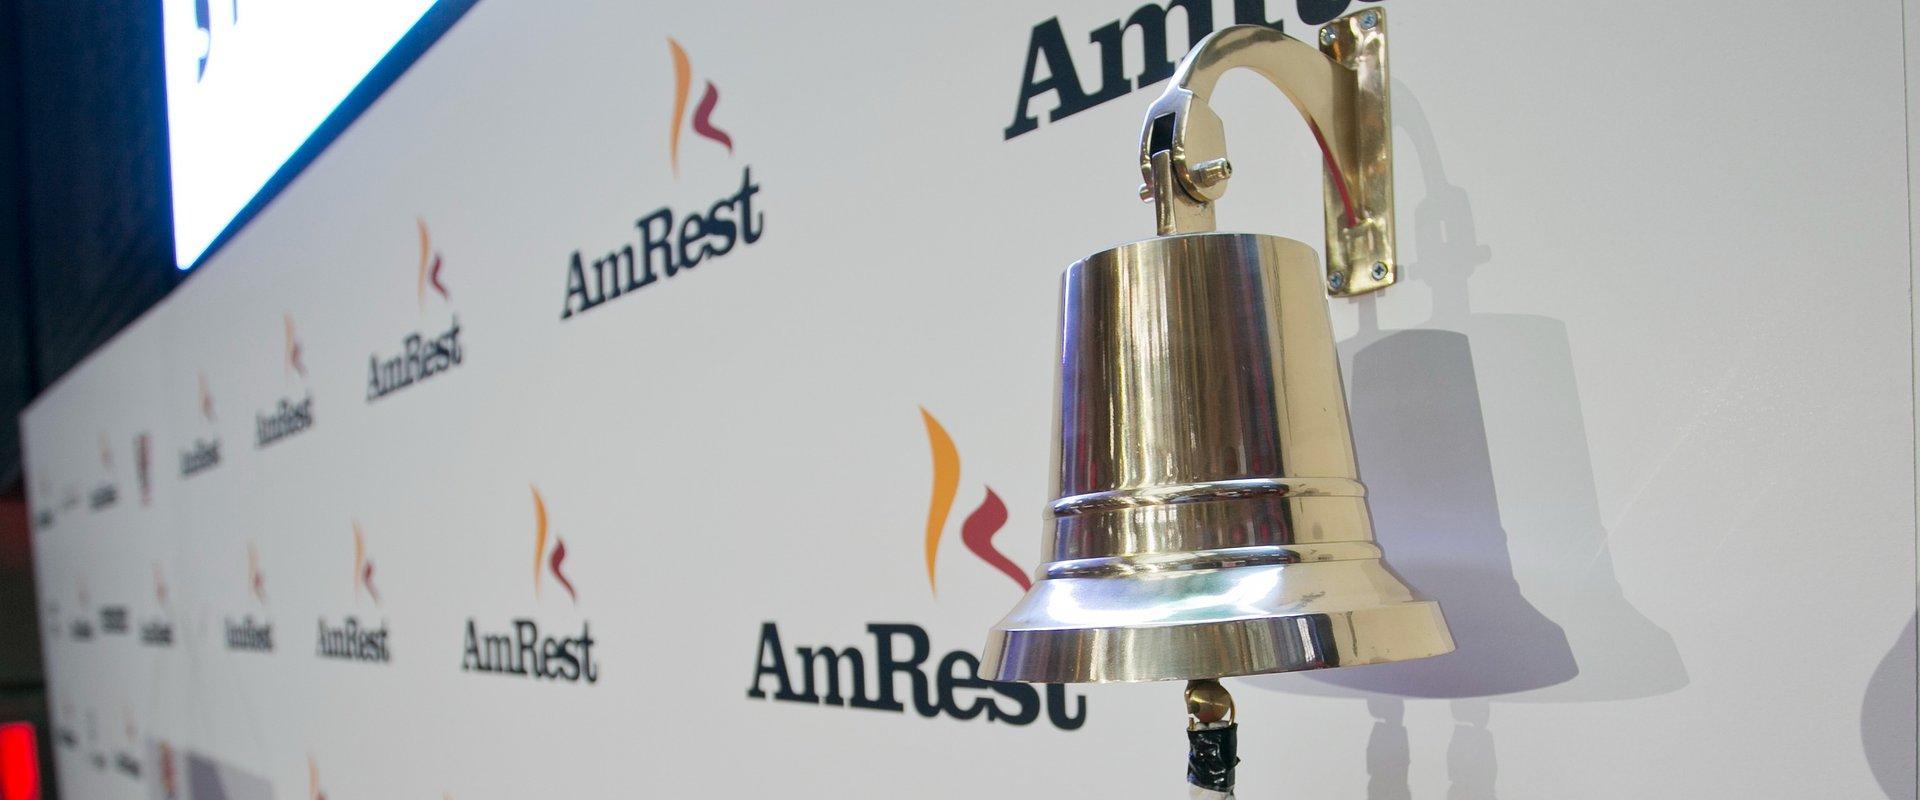 AmRest notowany w Hiszpanii